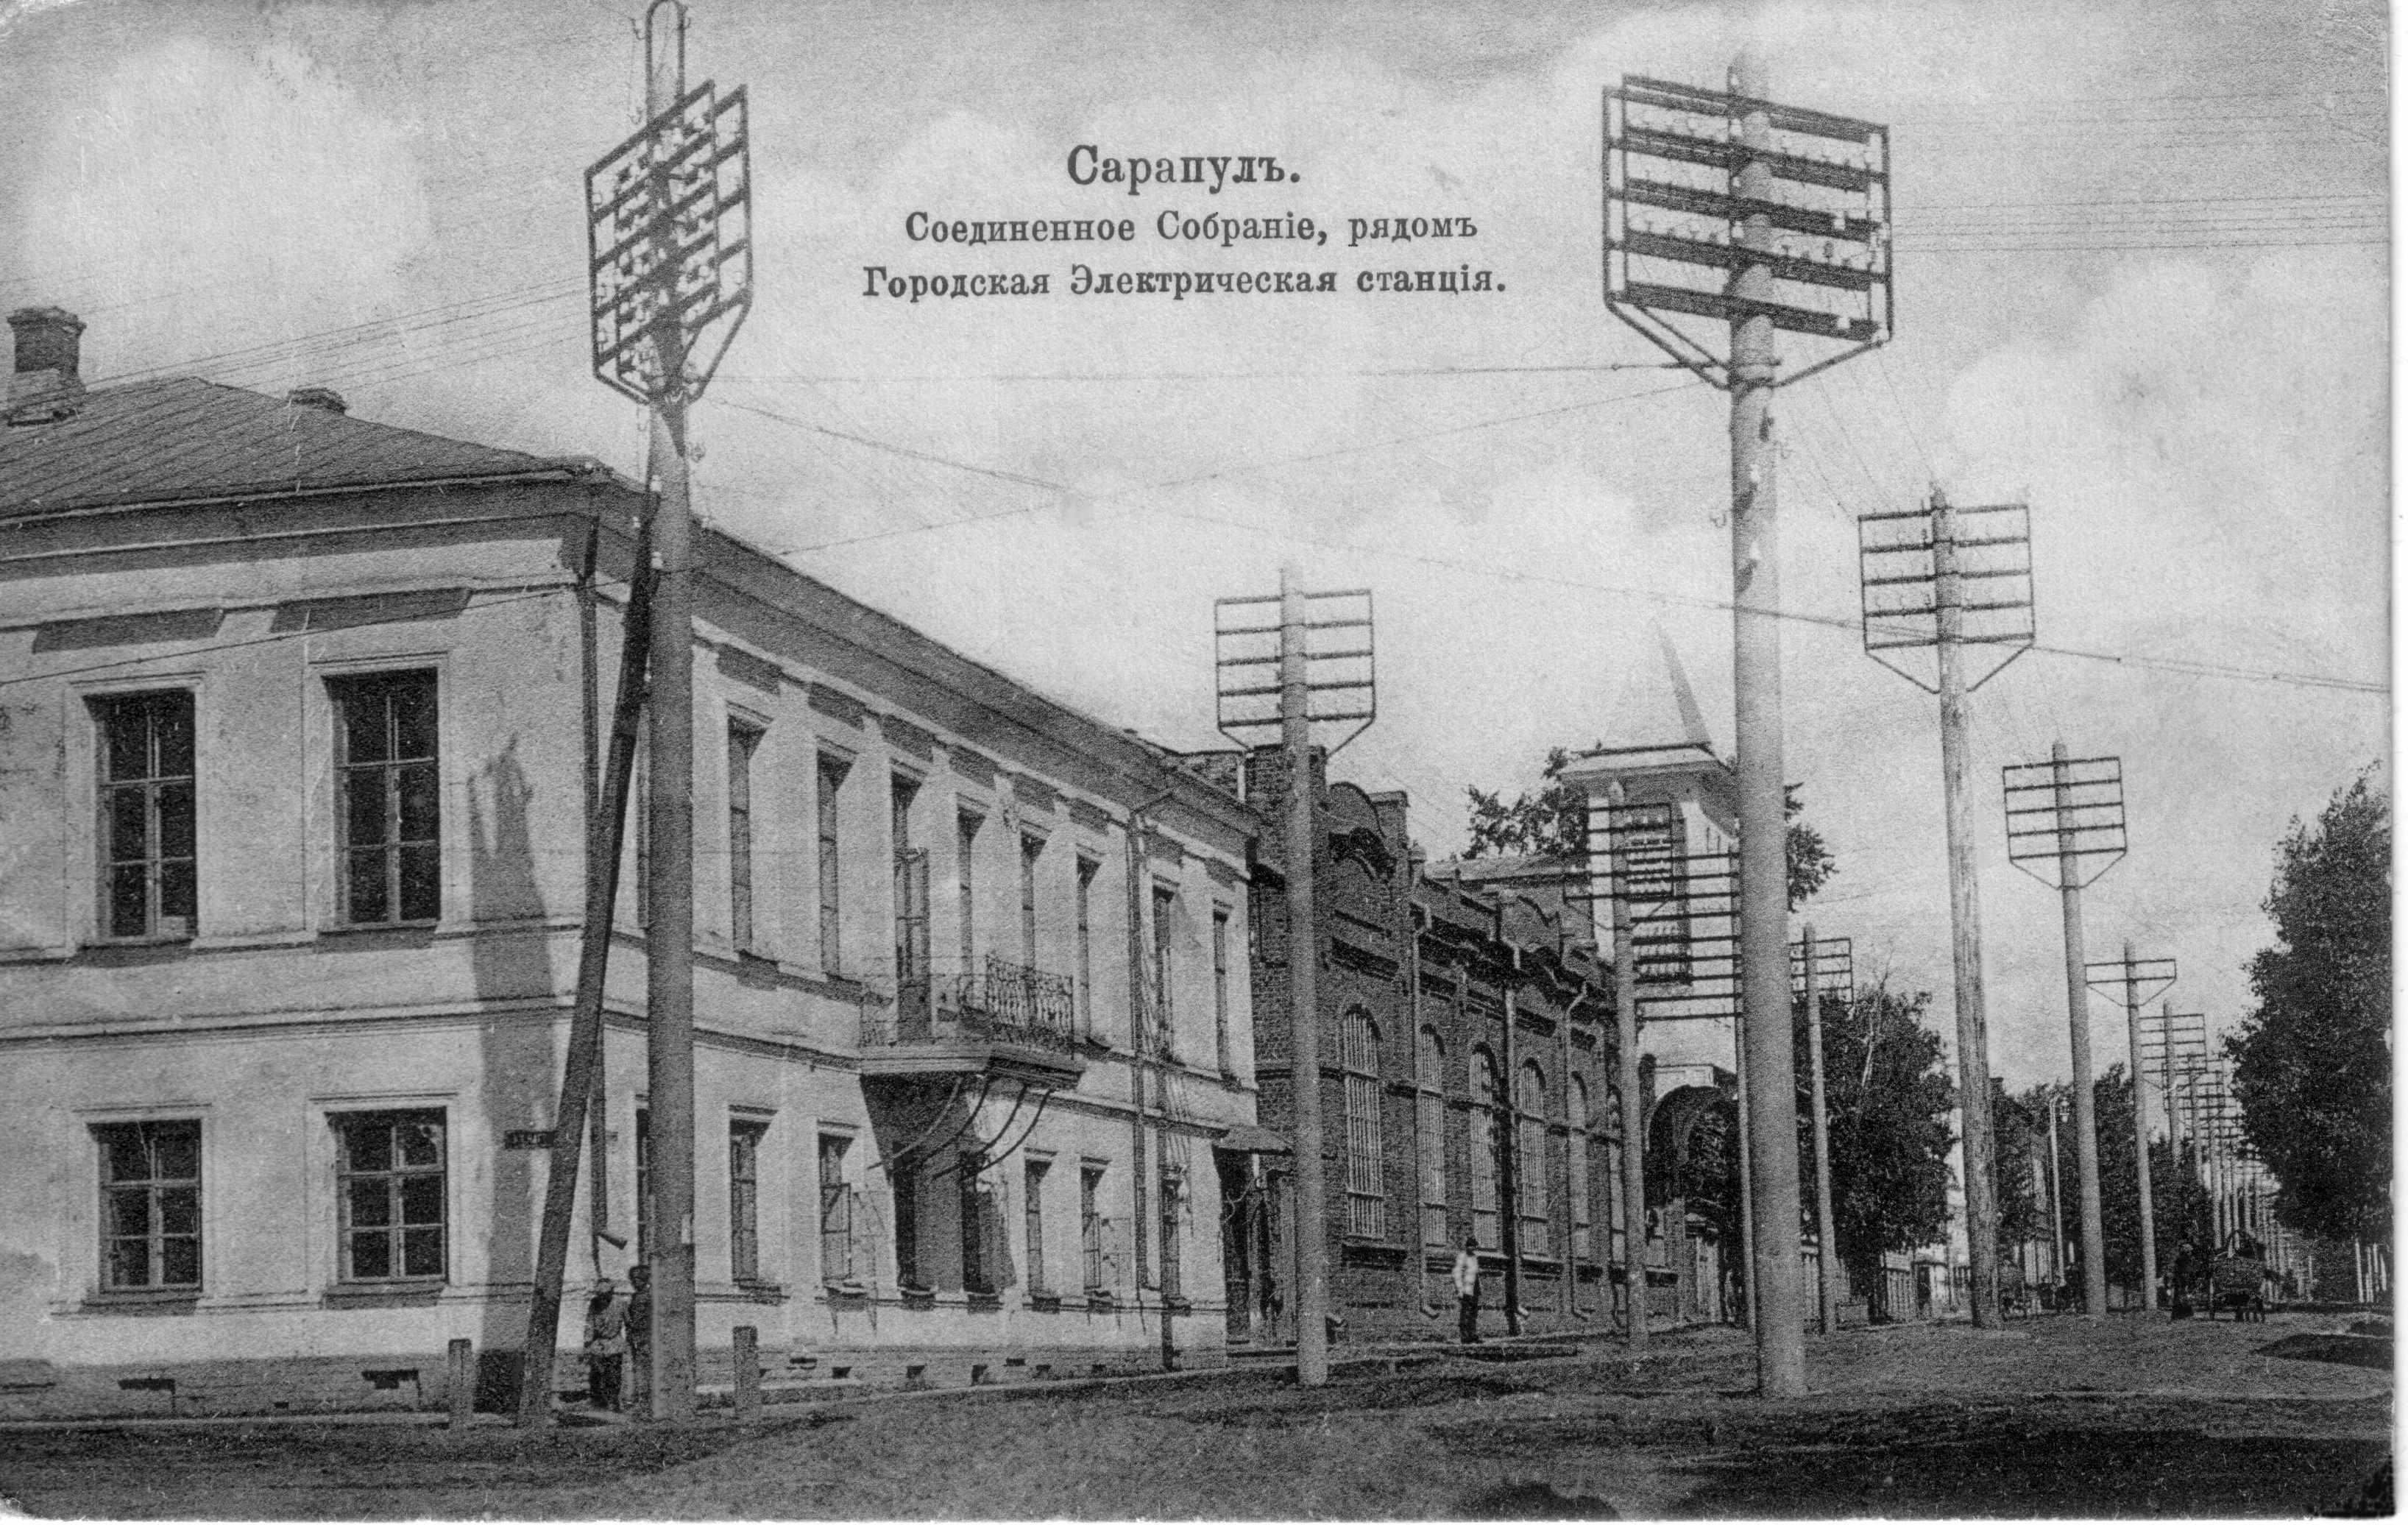 Соединенное собрание и городская электростанция